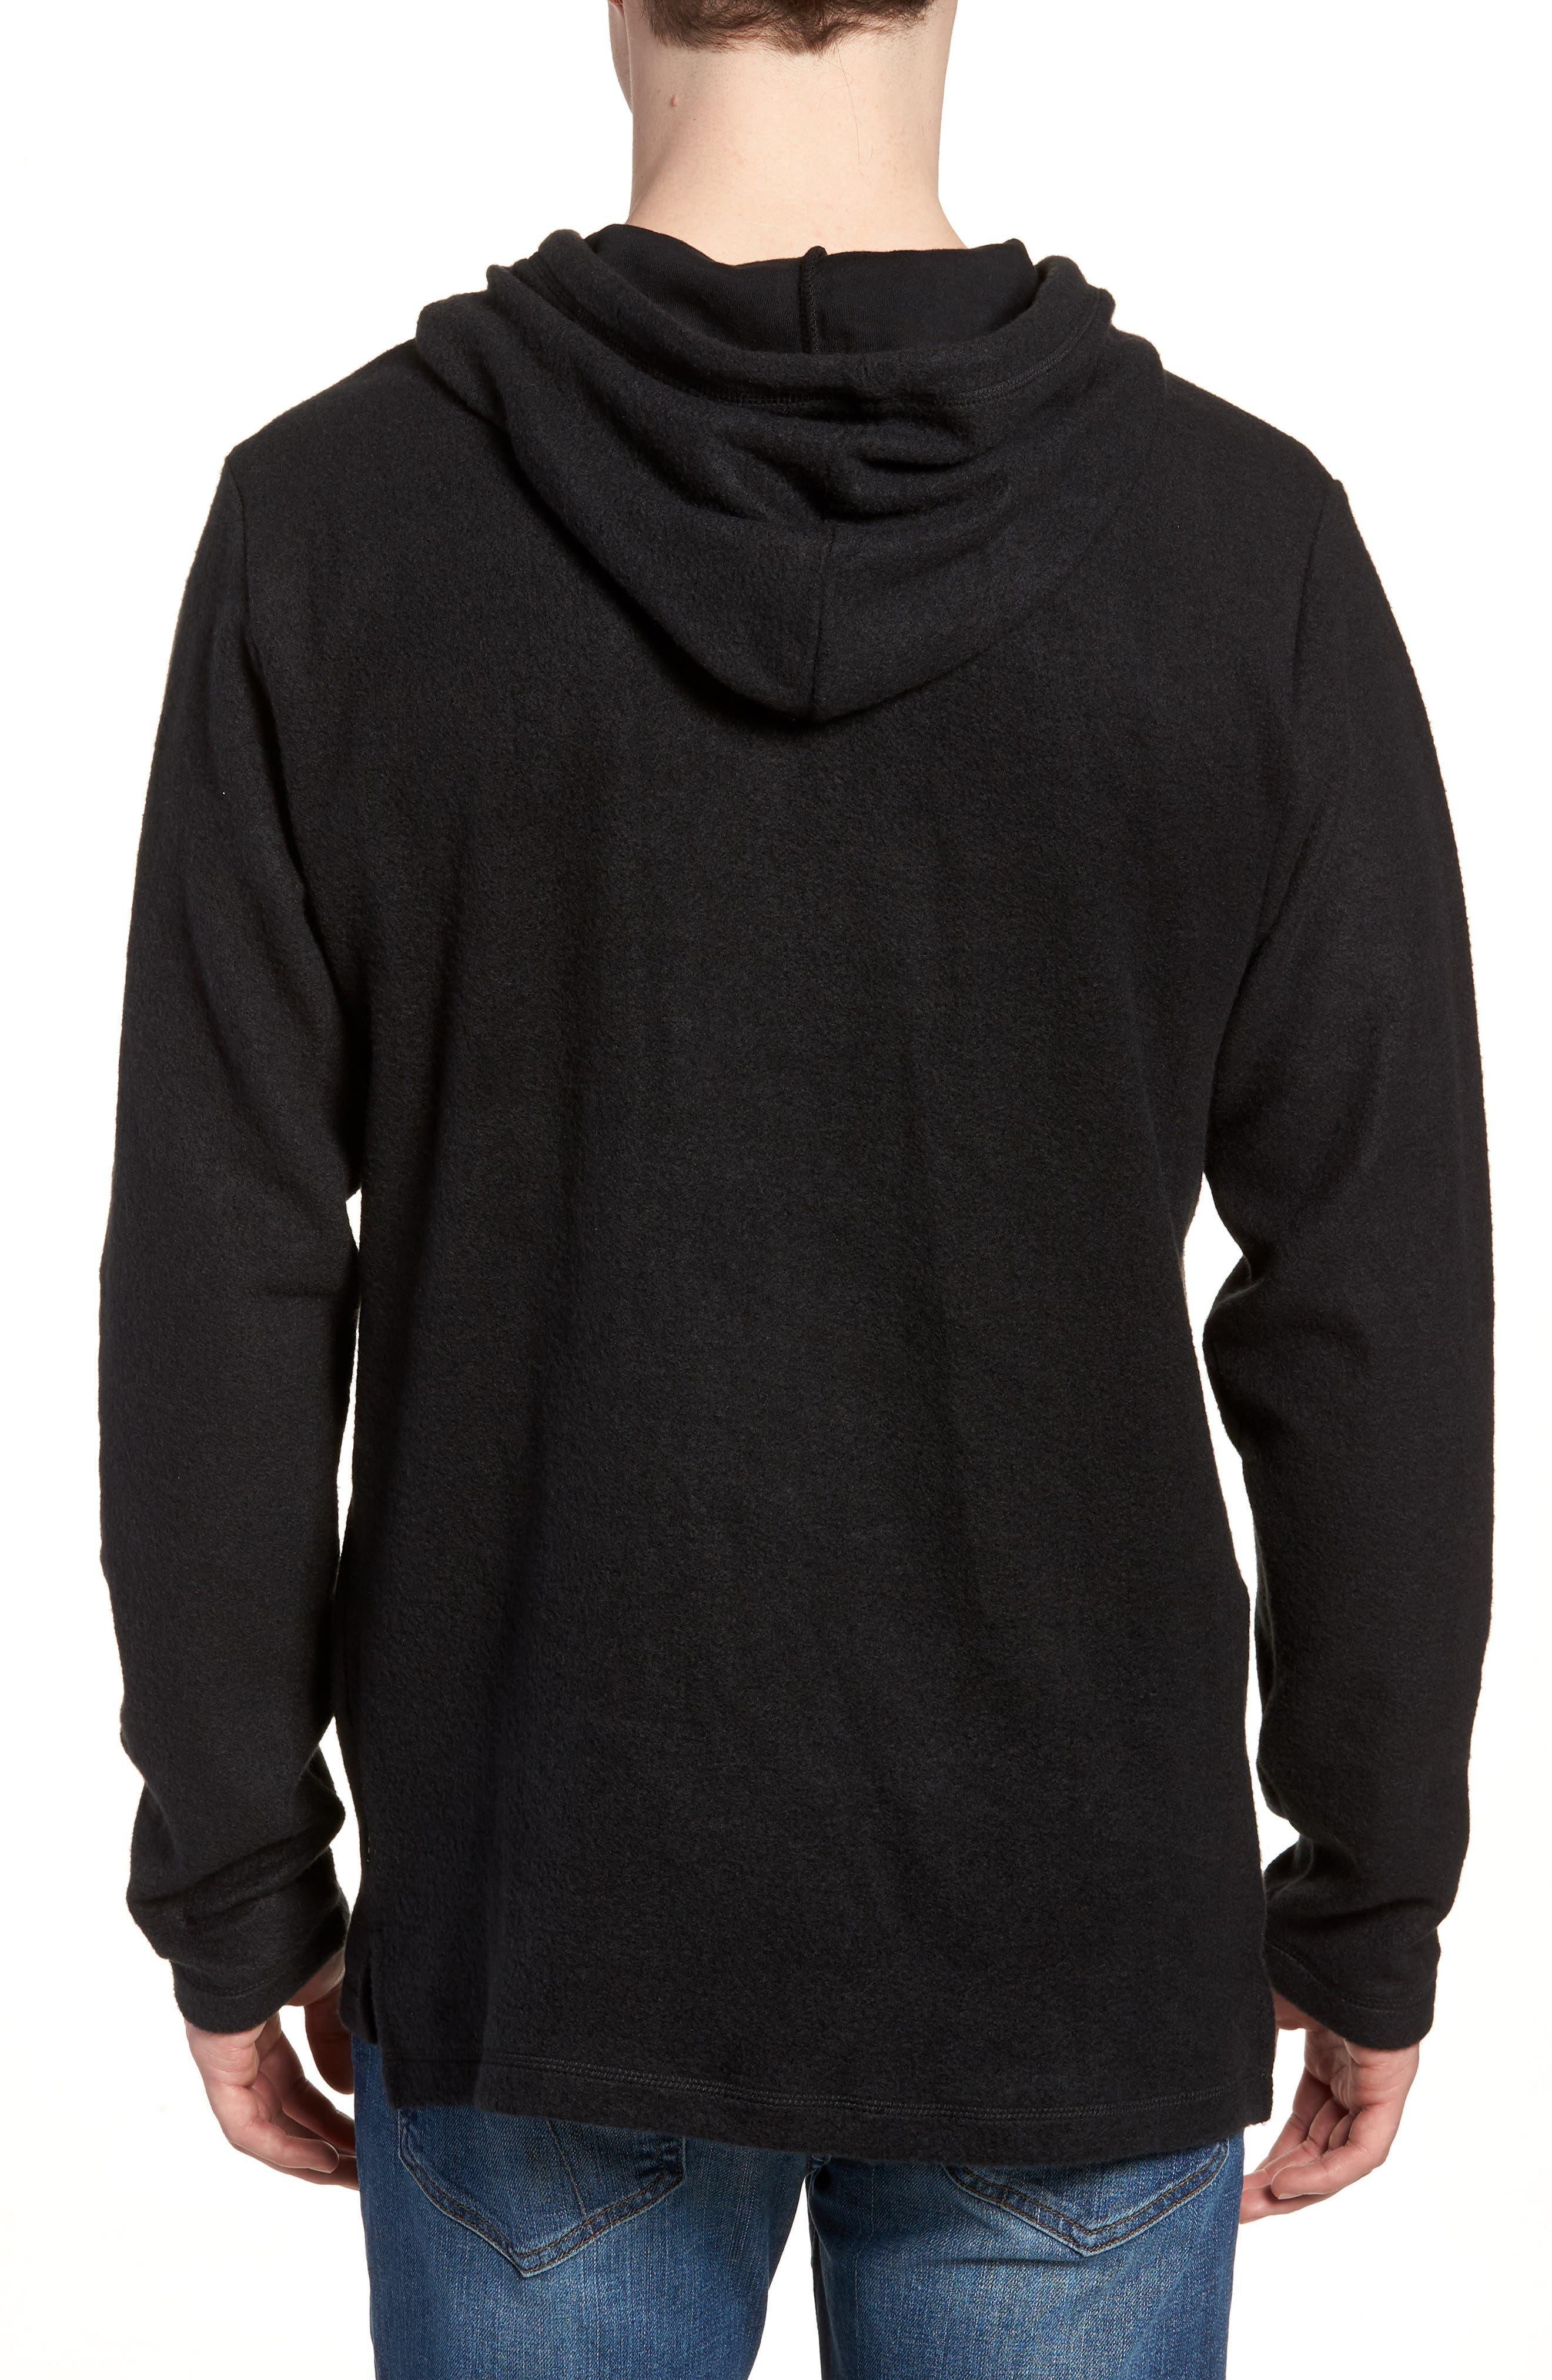 Burch Eye Hoodie Sweatshirt,                             Alternate thumbnail 2, color,                             Black